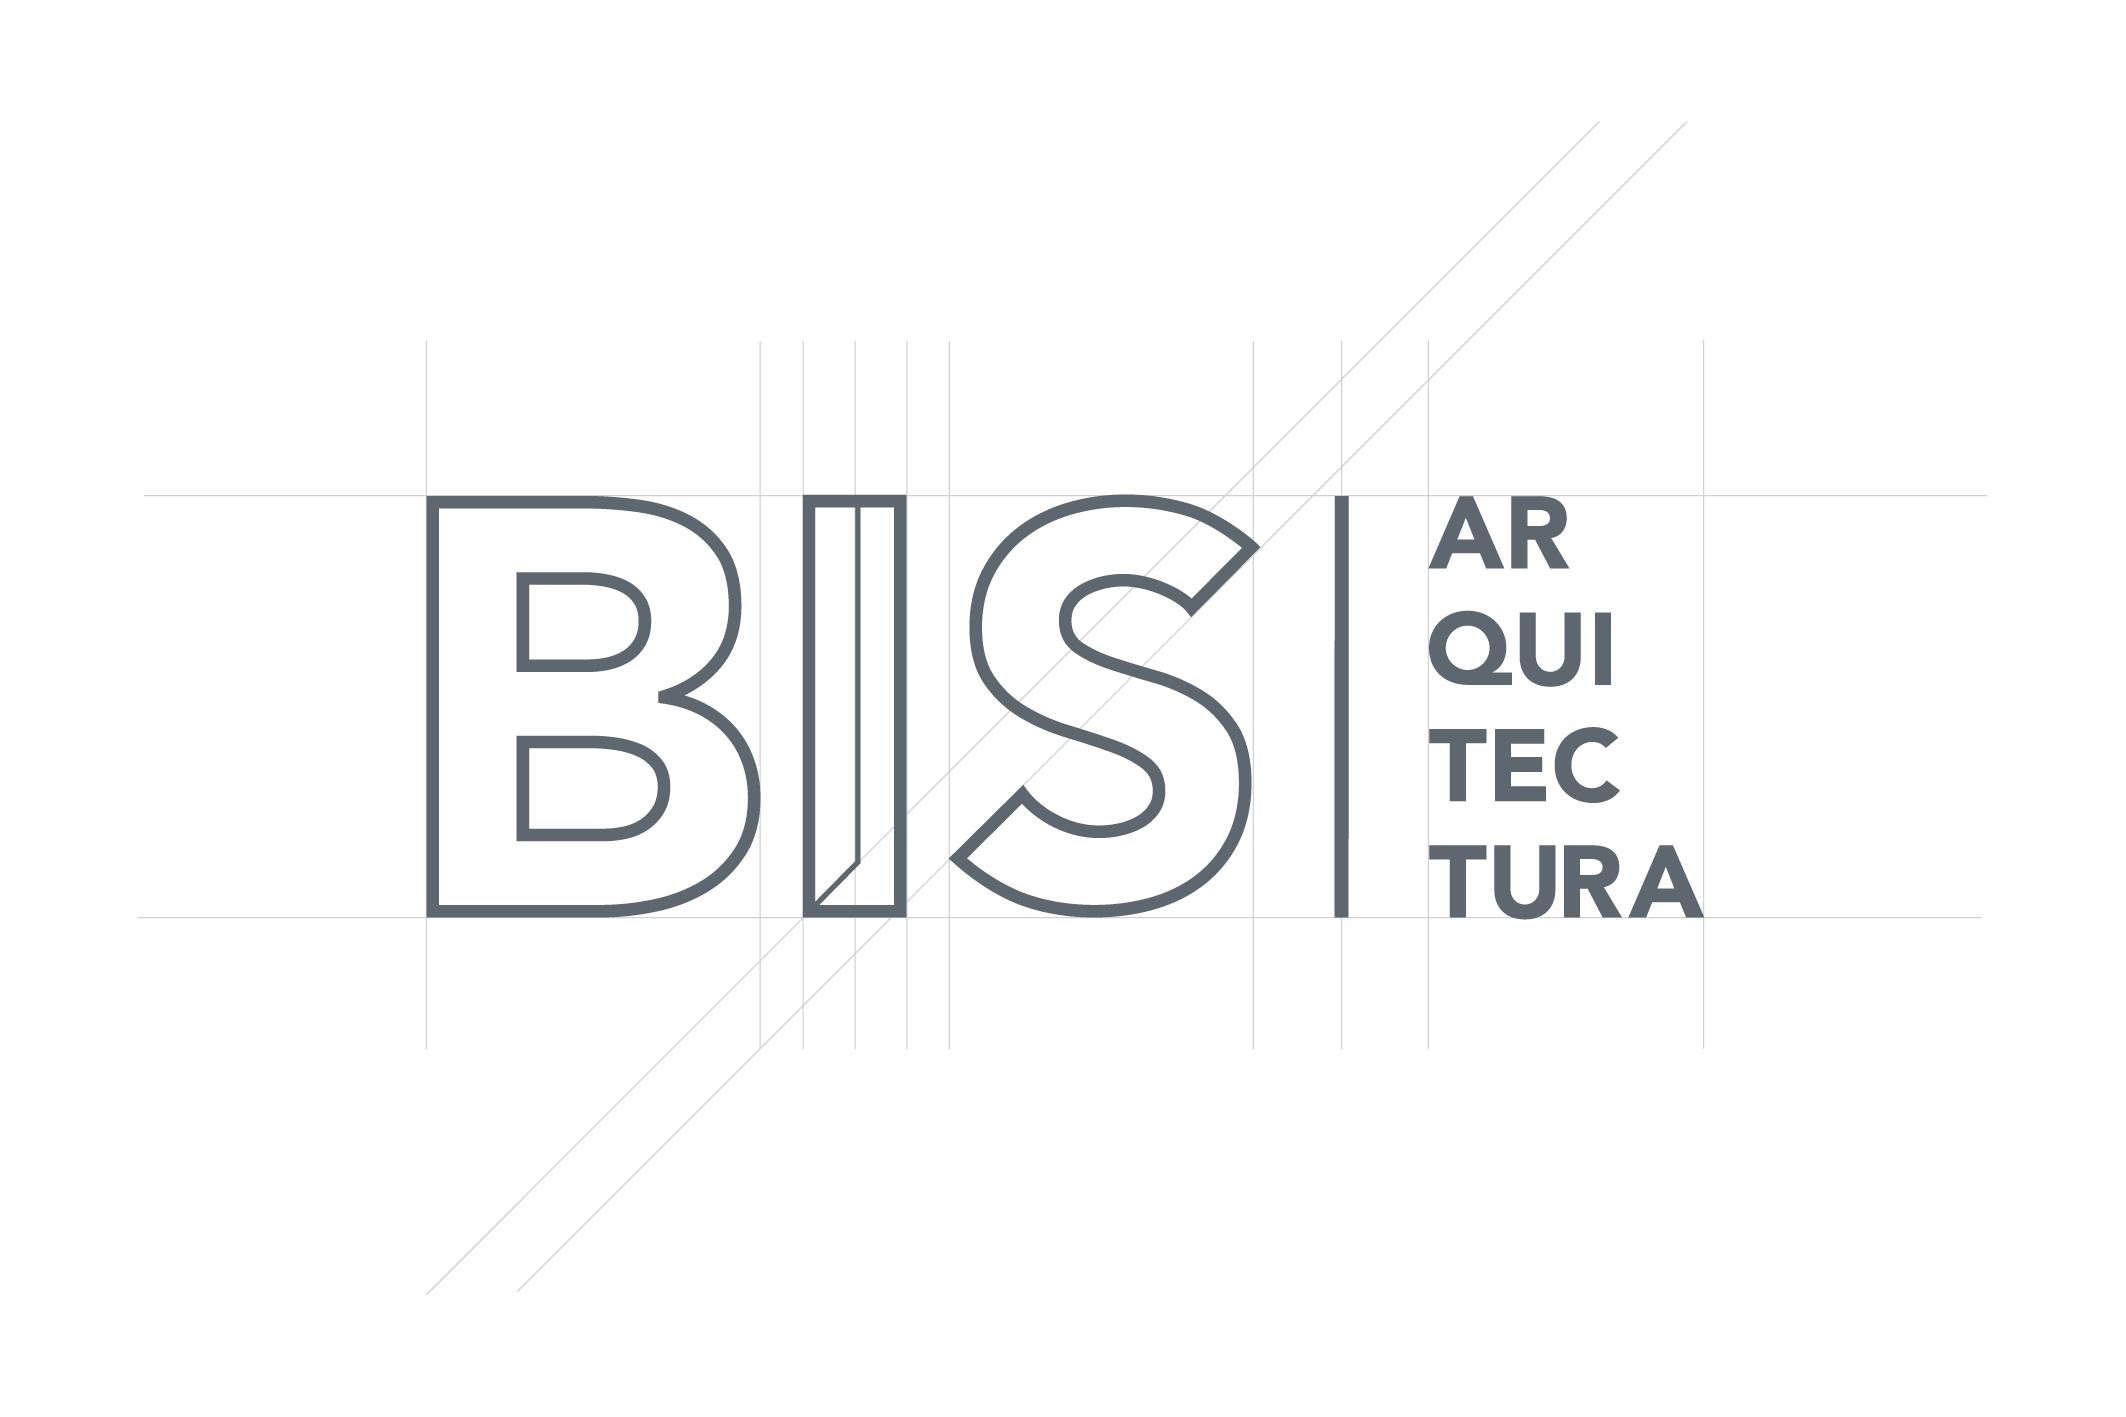 BIS arquitectura